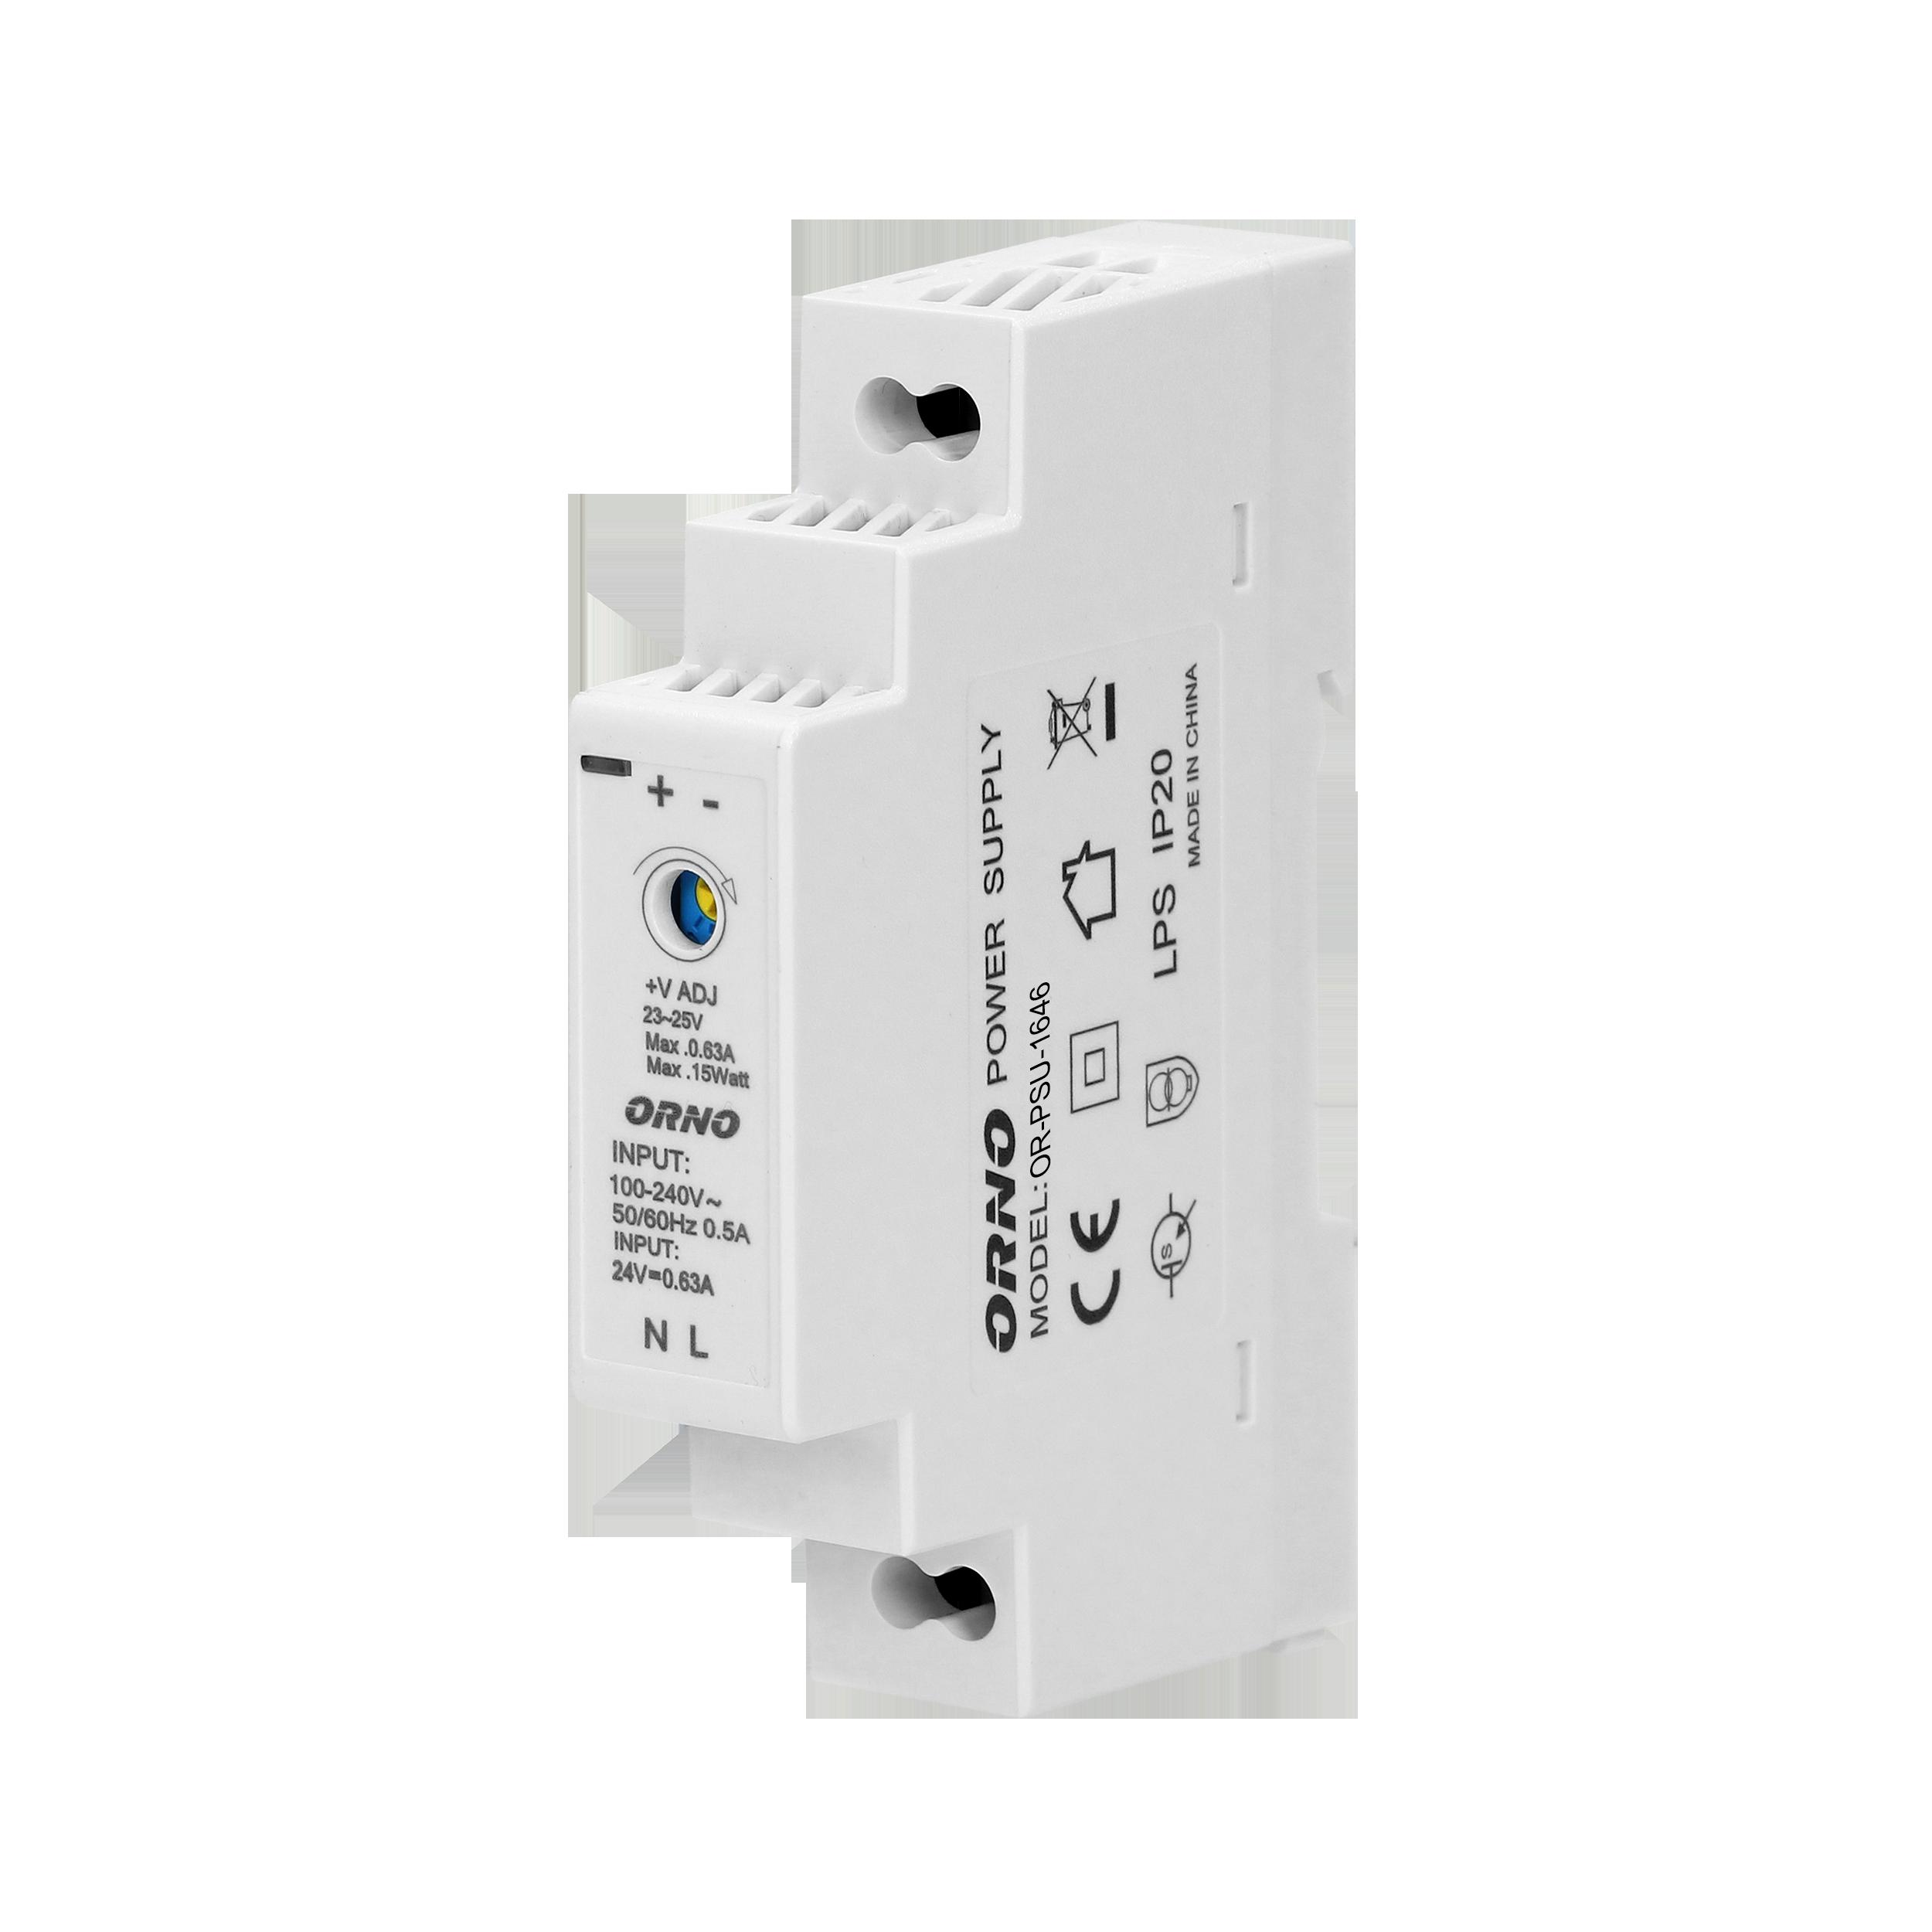 Zasilacz na szynę DIN 24VDC, 0,63A, 15W, szerokość 1 moduł